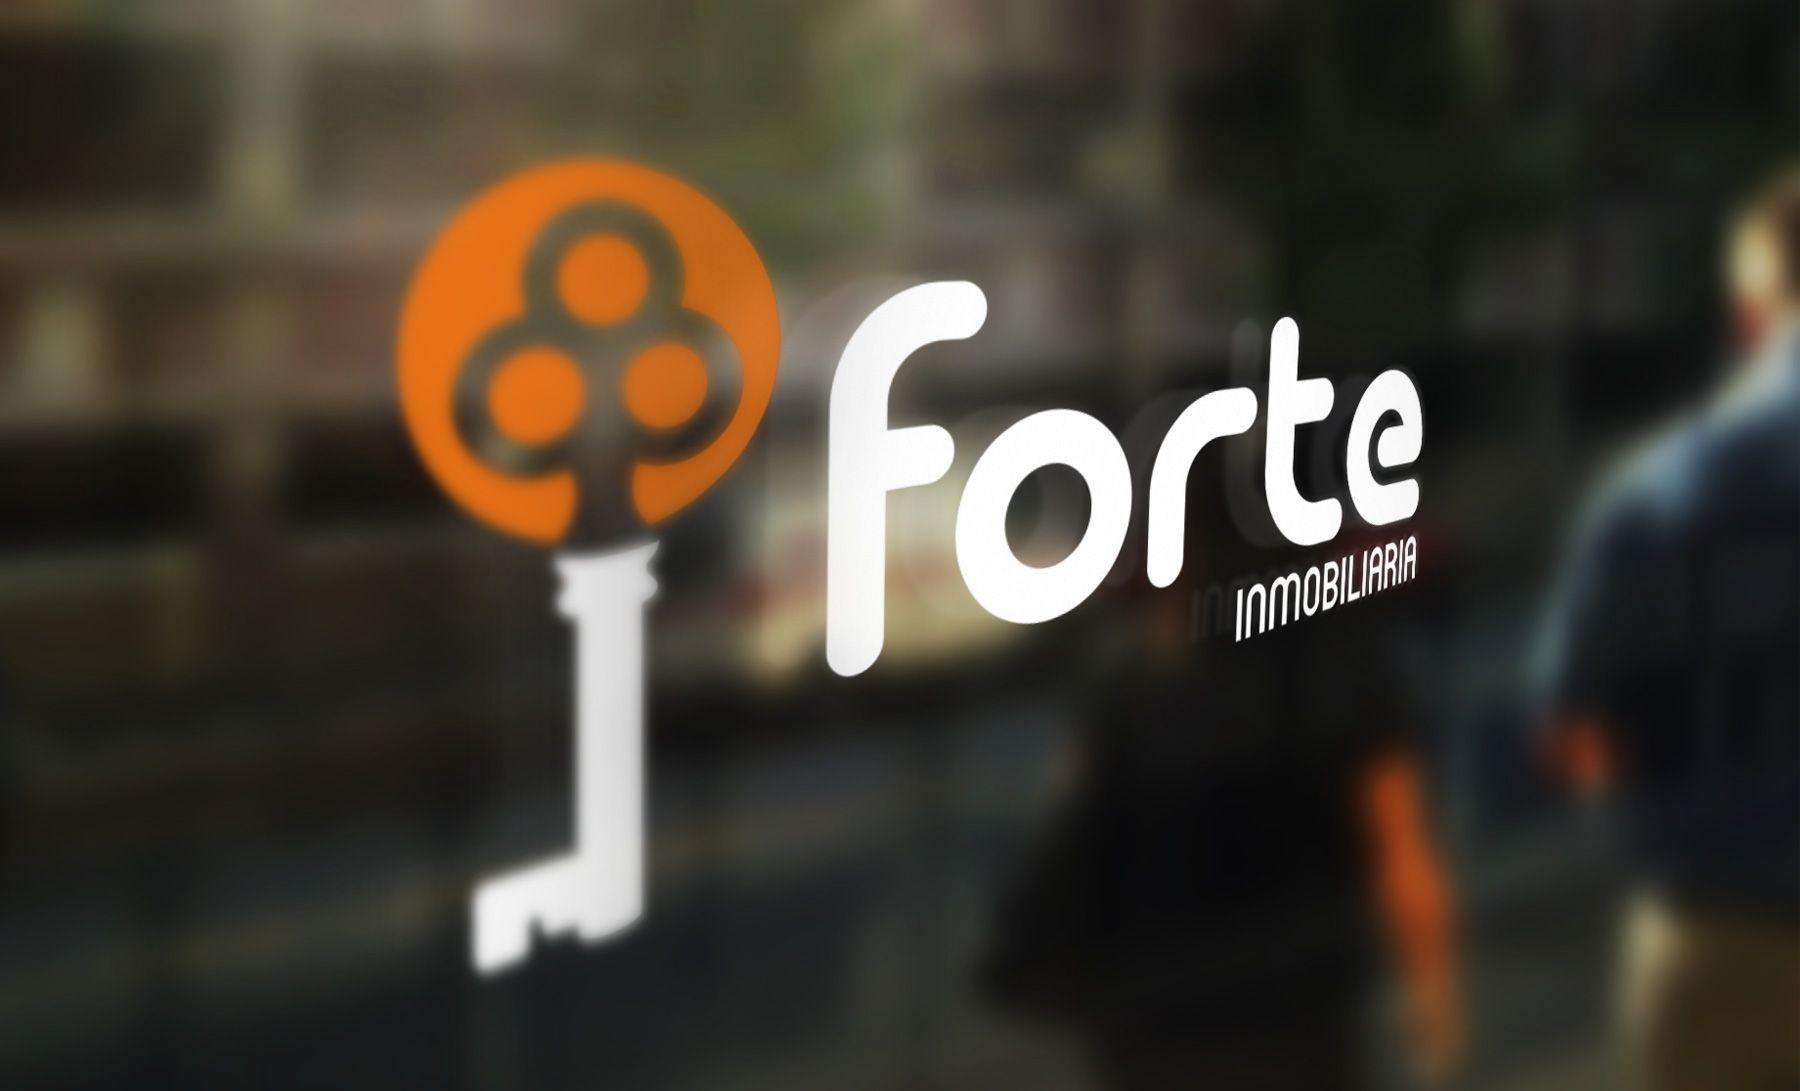 Logotipo Inmobiliaria Forte